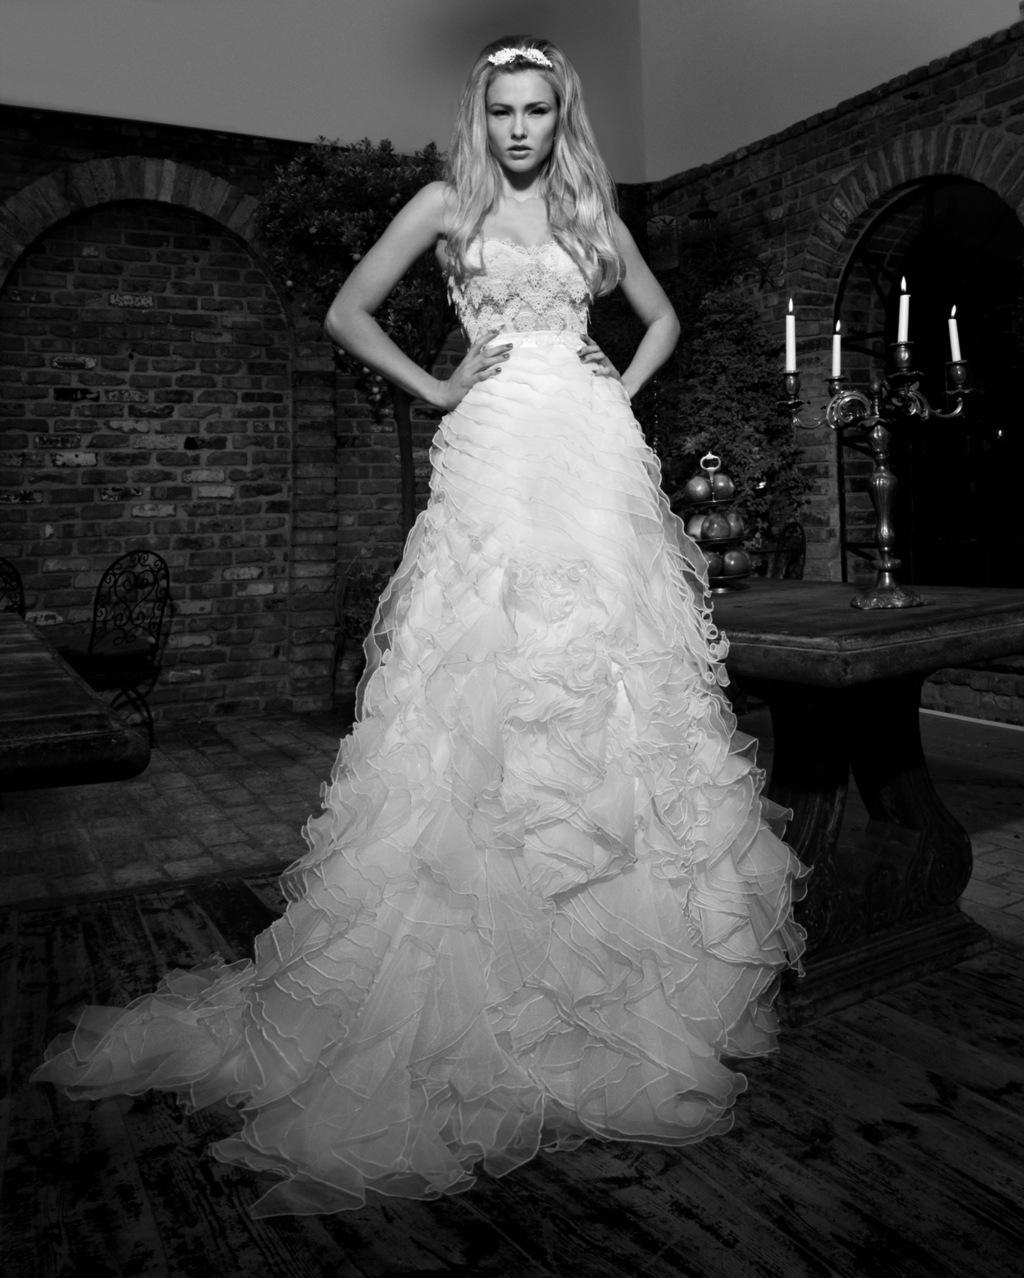 2013 wedding dress galia lahav bridal godiva Wedding dress designer galia lahav